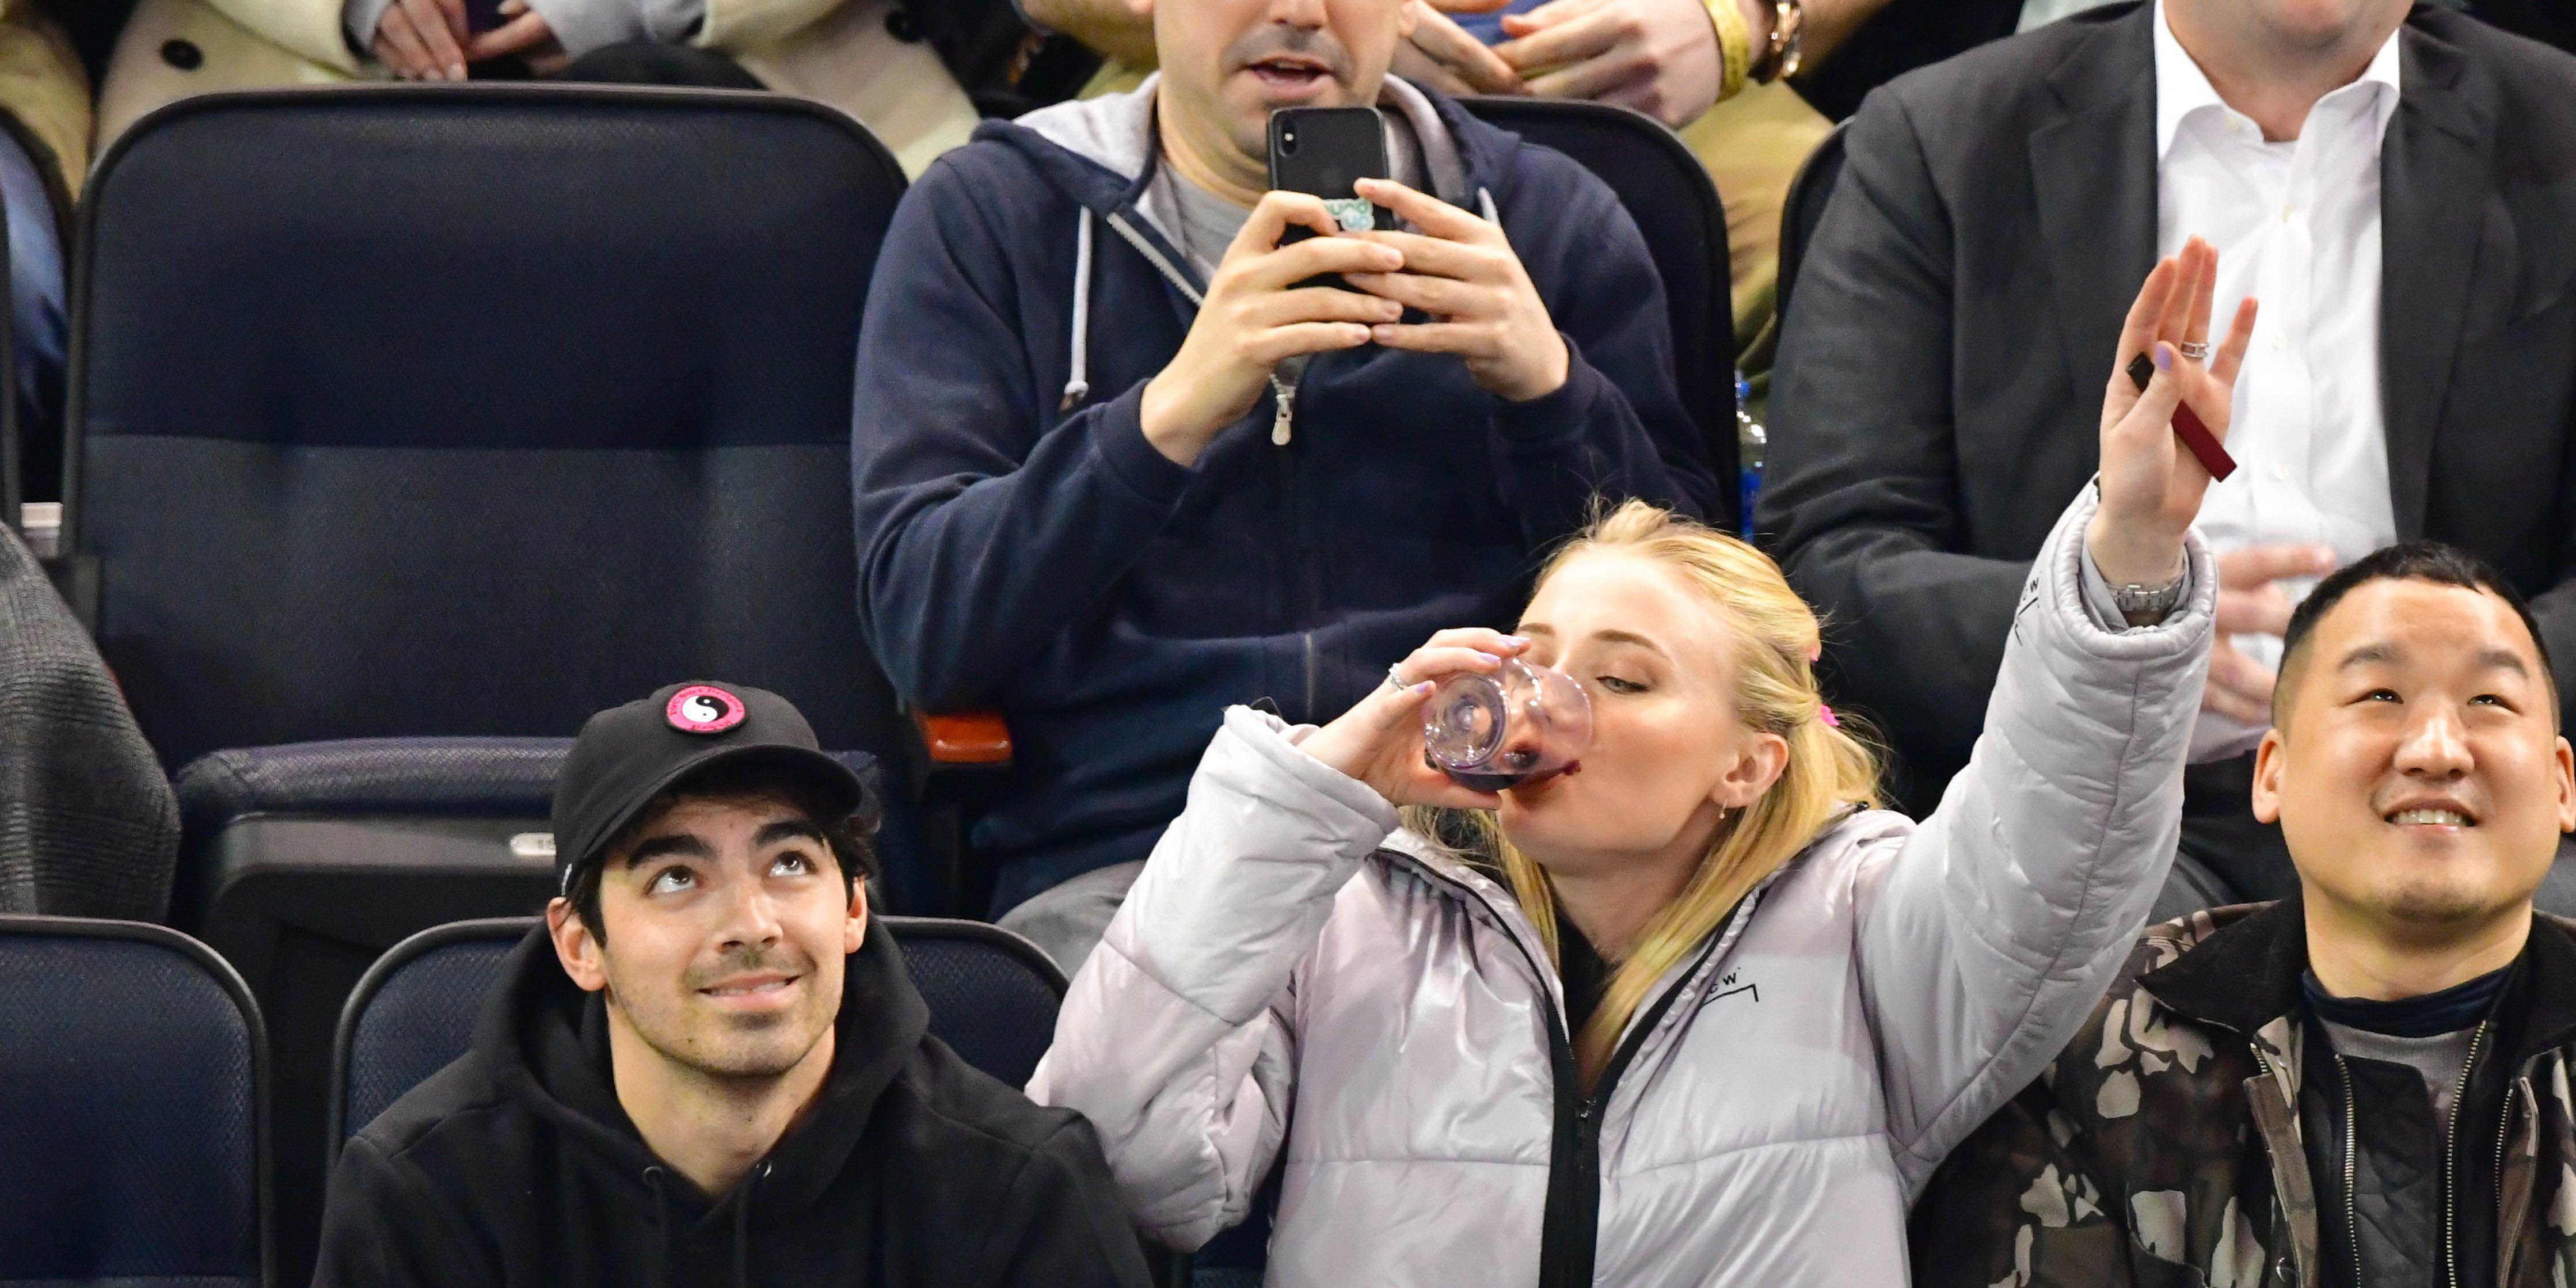 Detroit Red Wings v New York Rangers ice hockey game, New York, USA - 19 Mar 2019